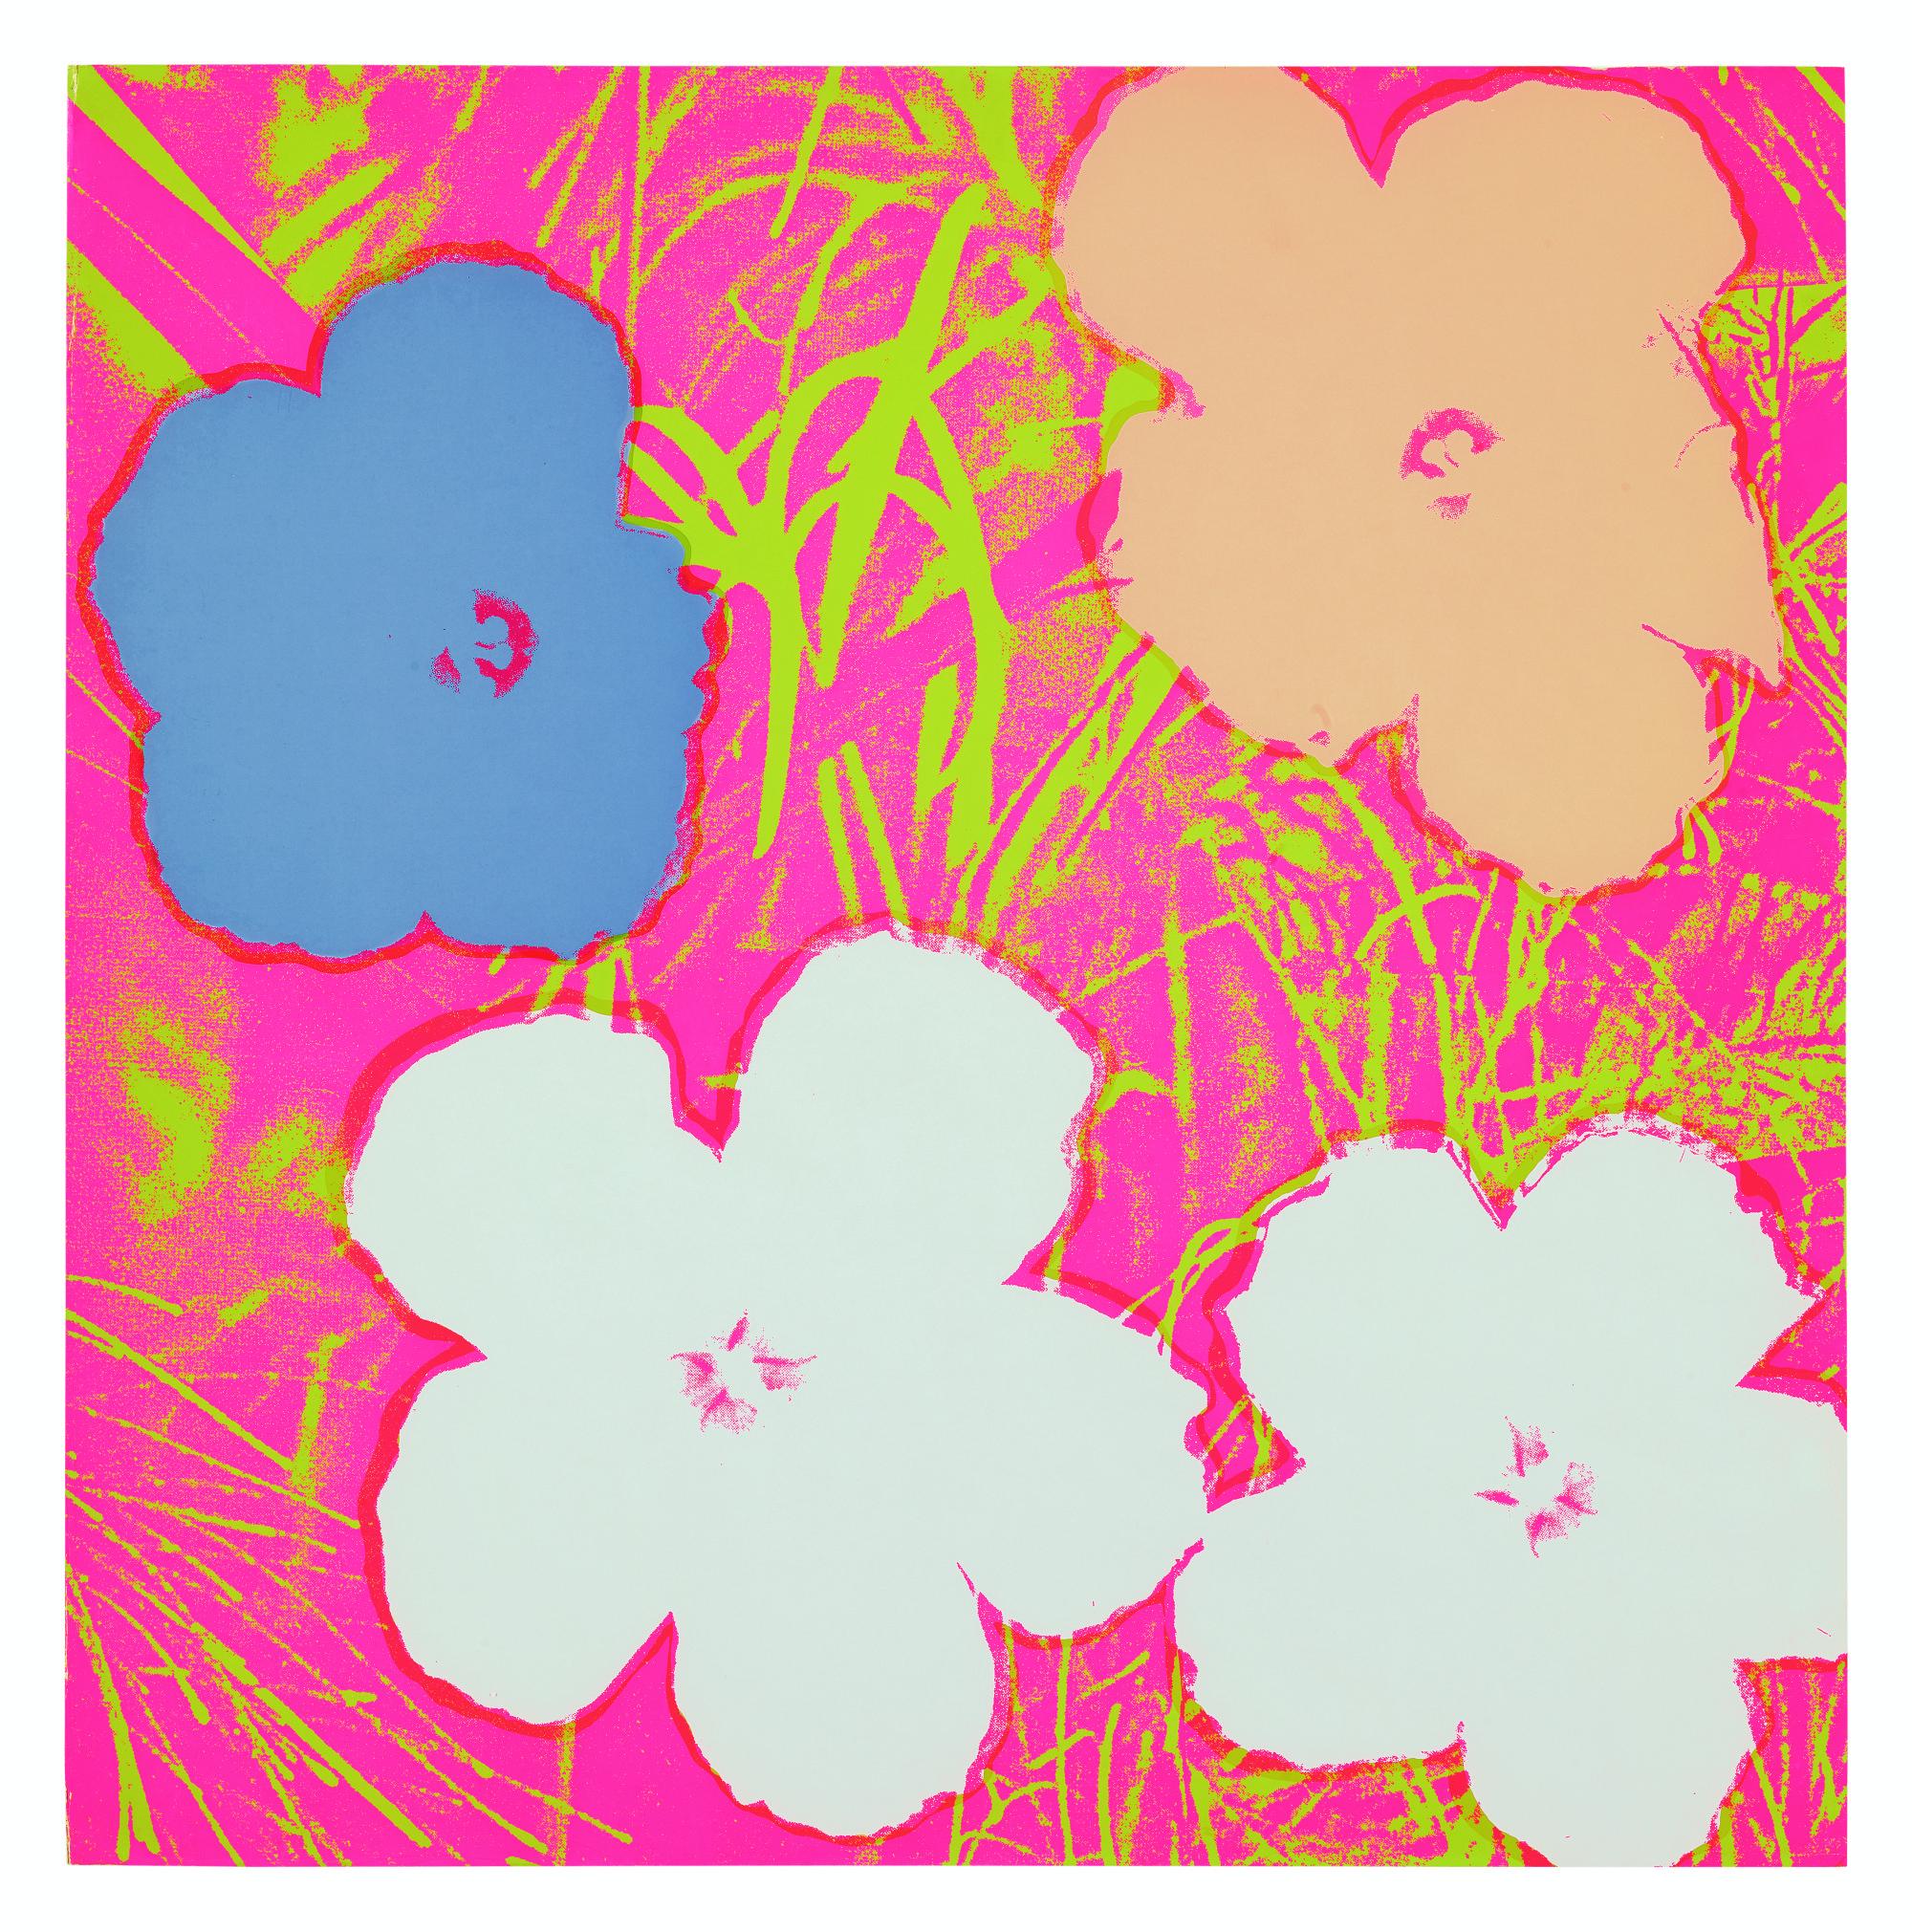 ANDY WARHOL   FLOWERS (FELDMAN & SCHELLMANN II.69)